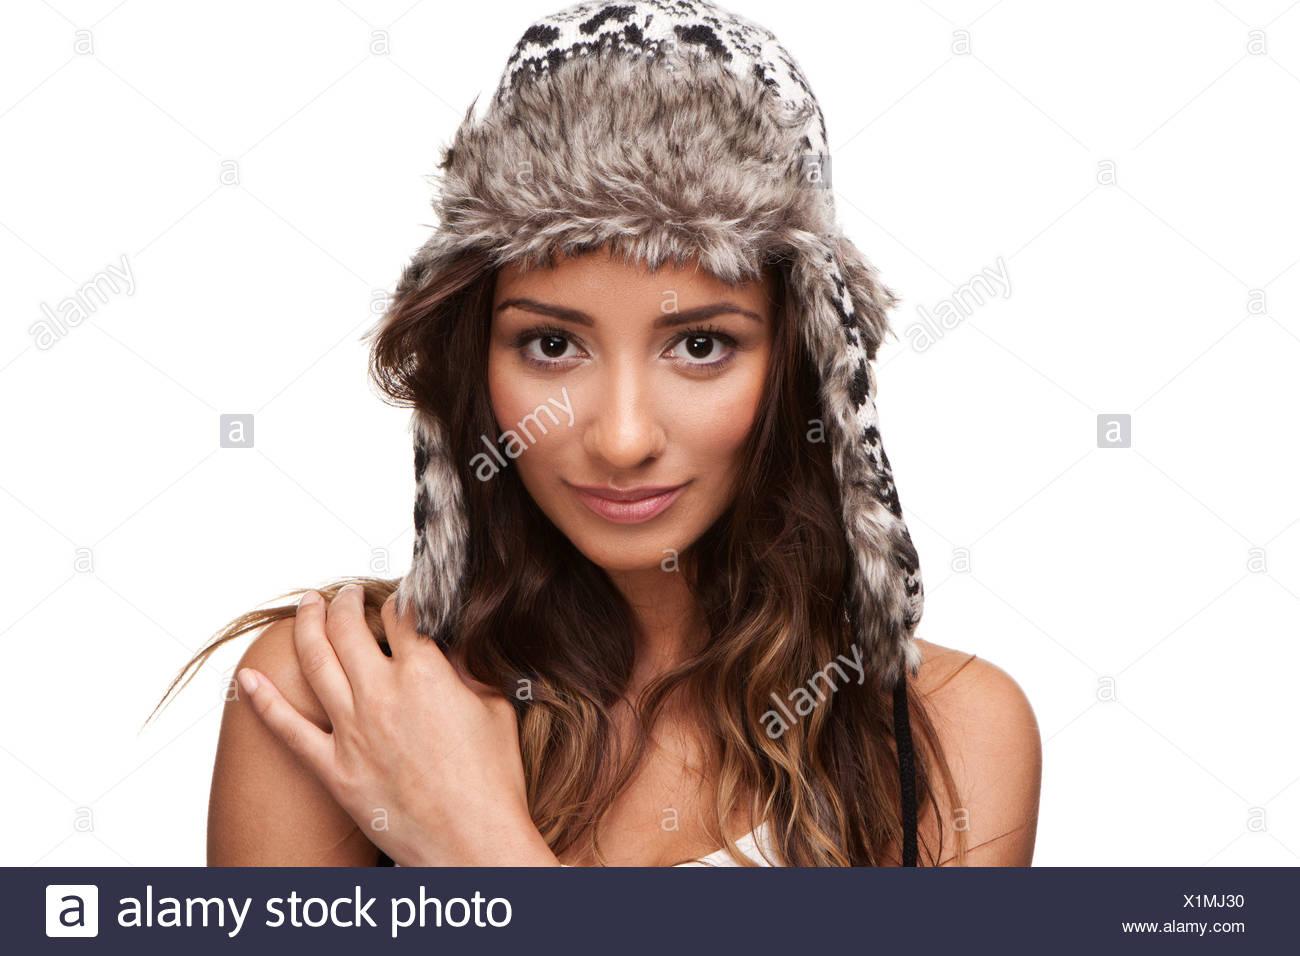 woman beautiful beauteously - Stock Image